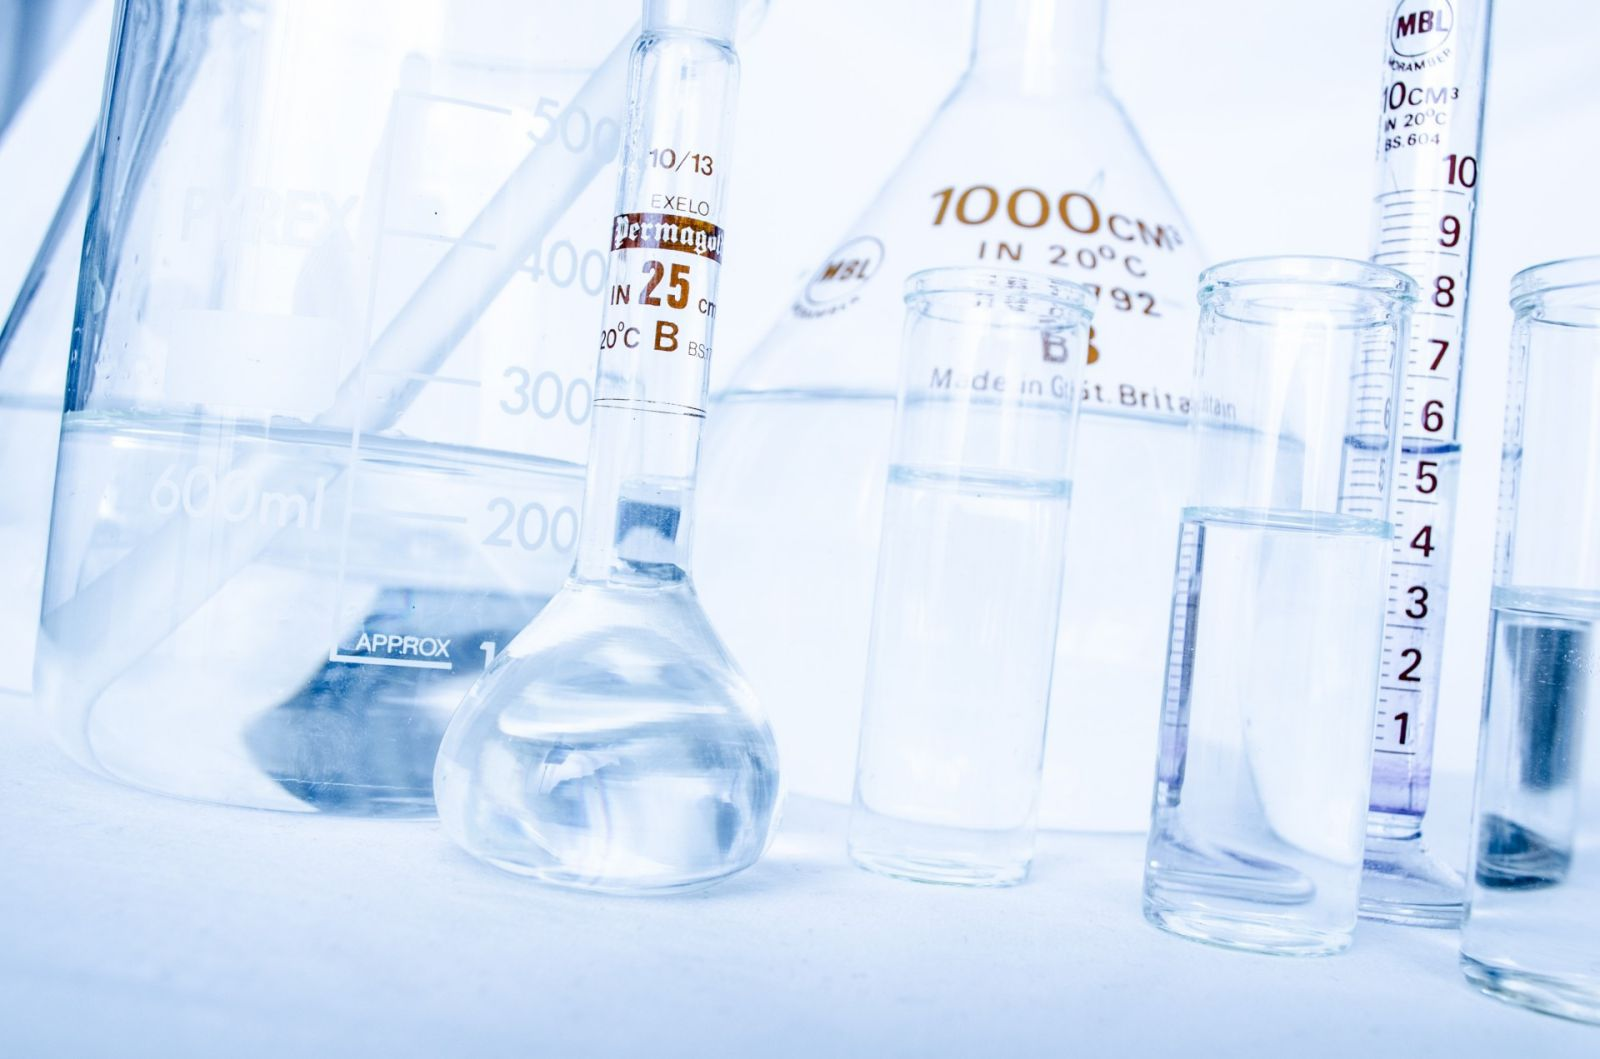 Ingangsexamen chemie Erlenmeyer